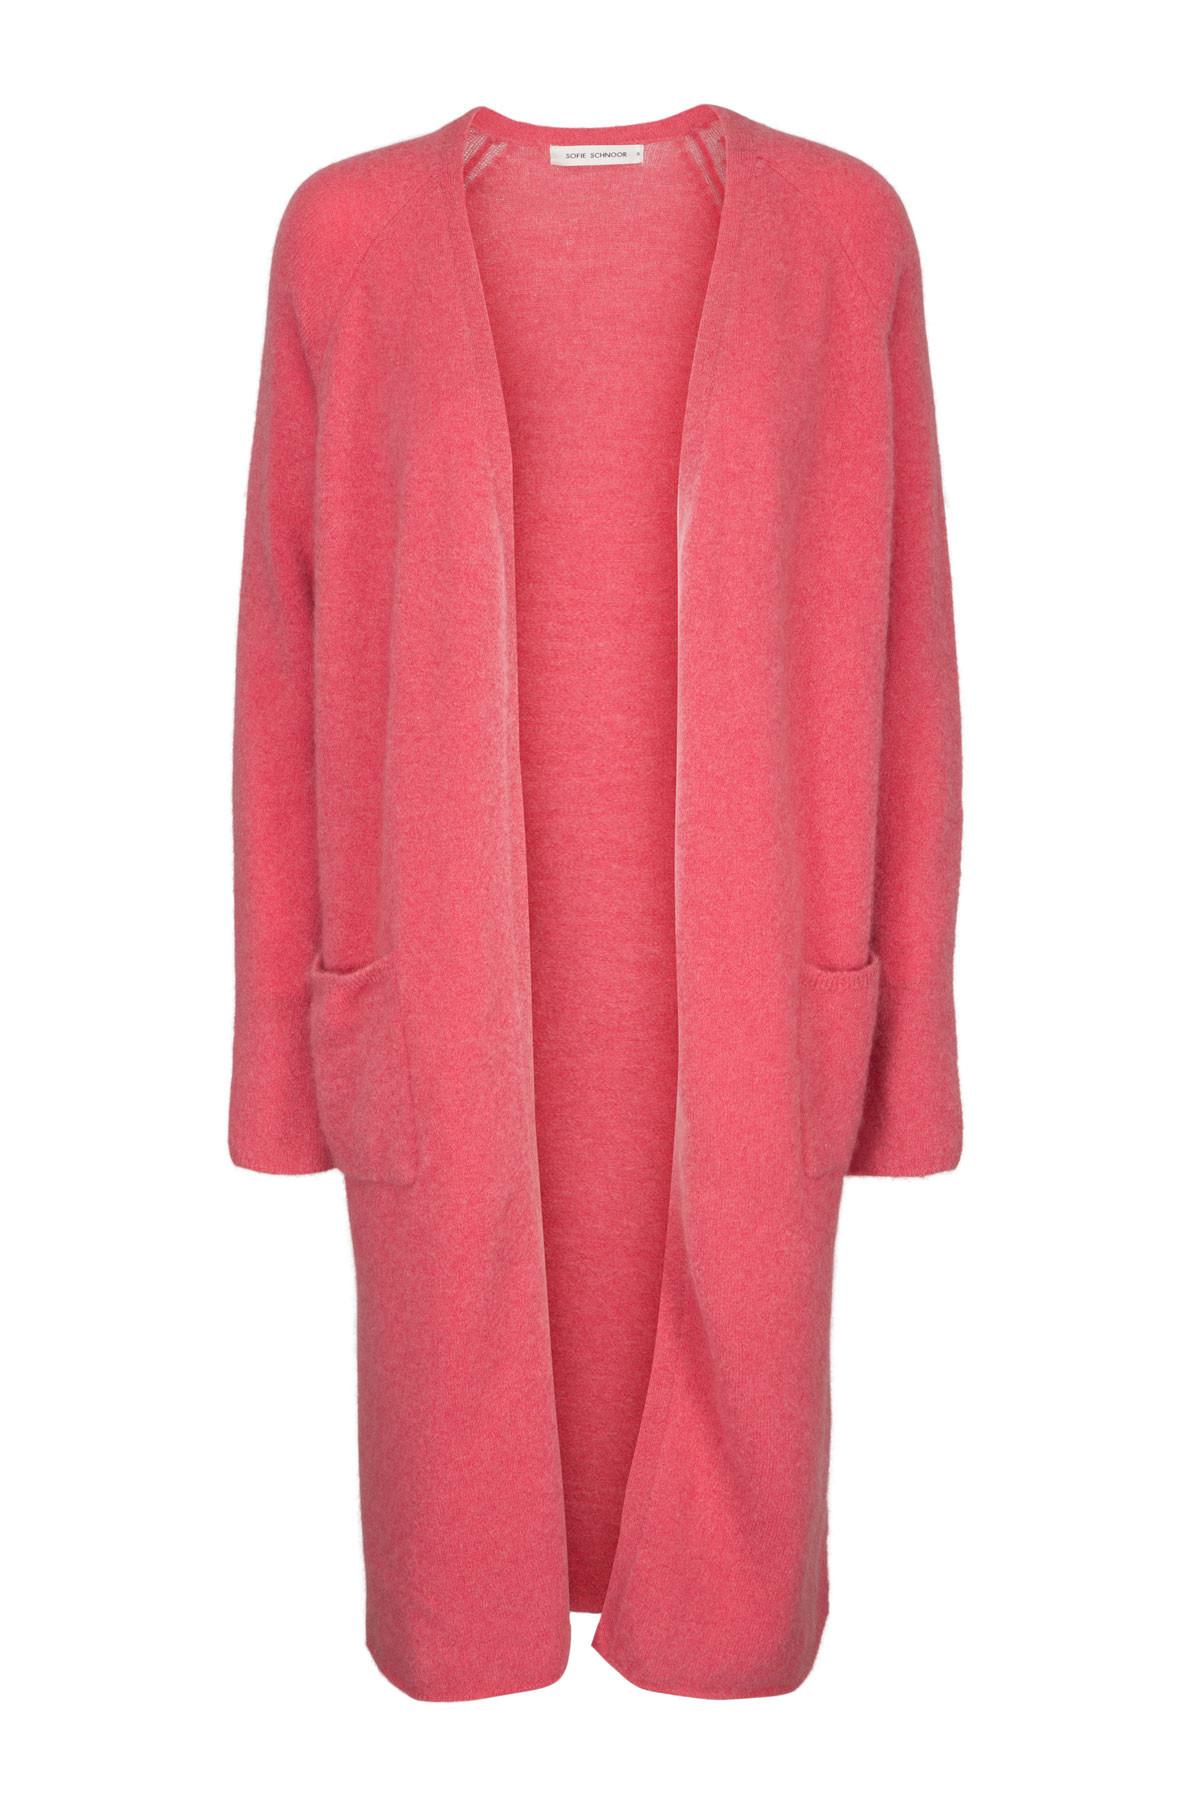 Image of   SOFIE SCHNOOR CARDIGAN S184223 (Pink, XL)